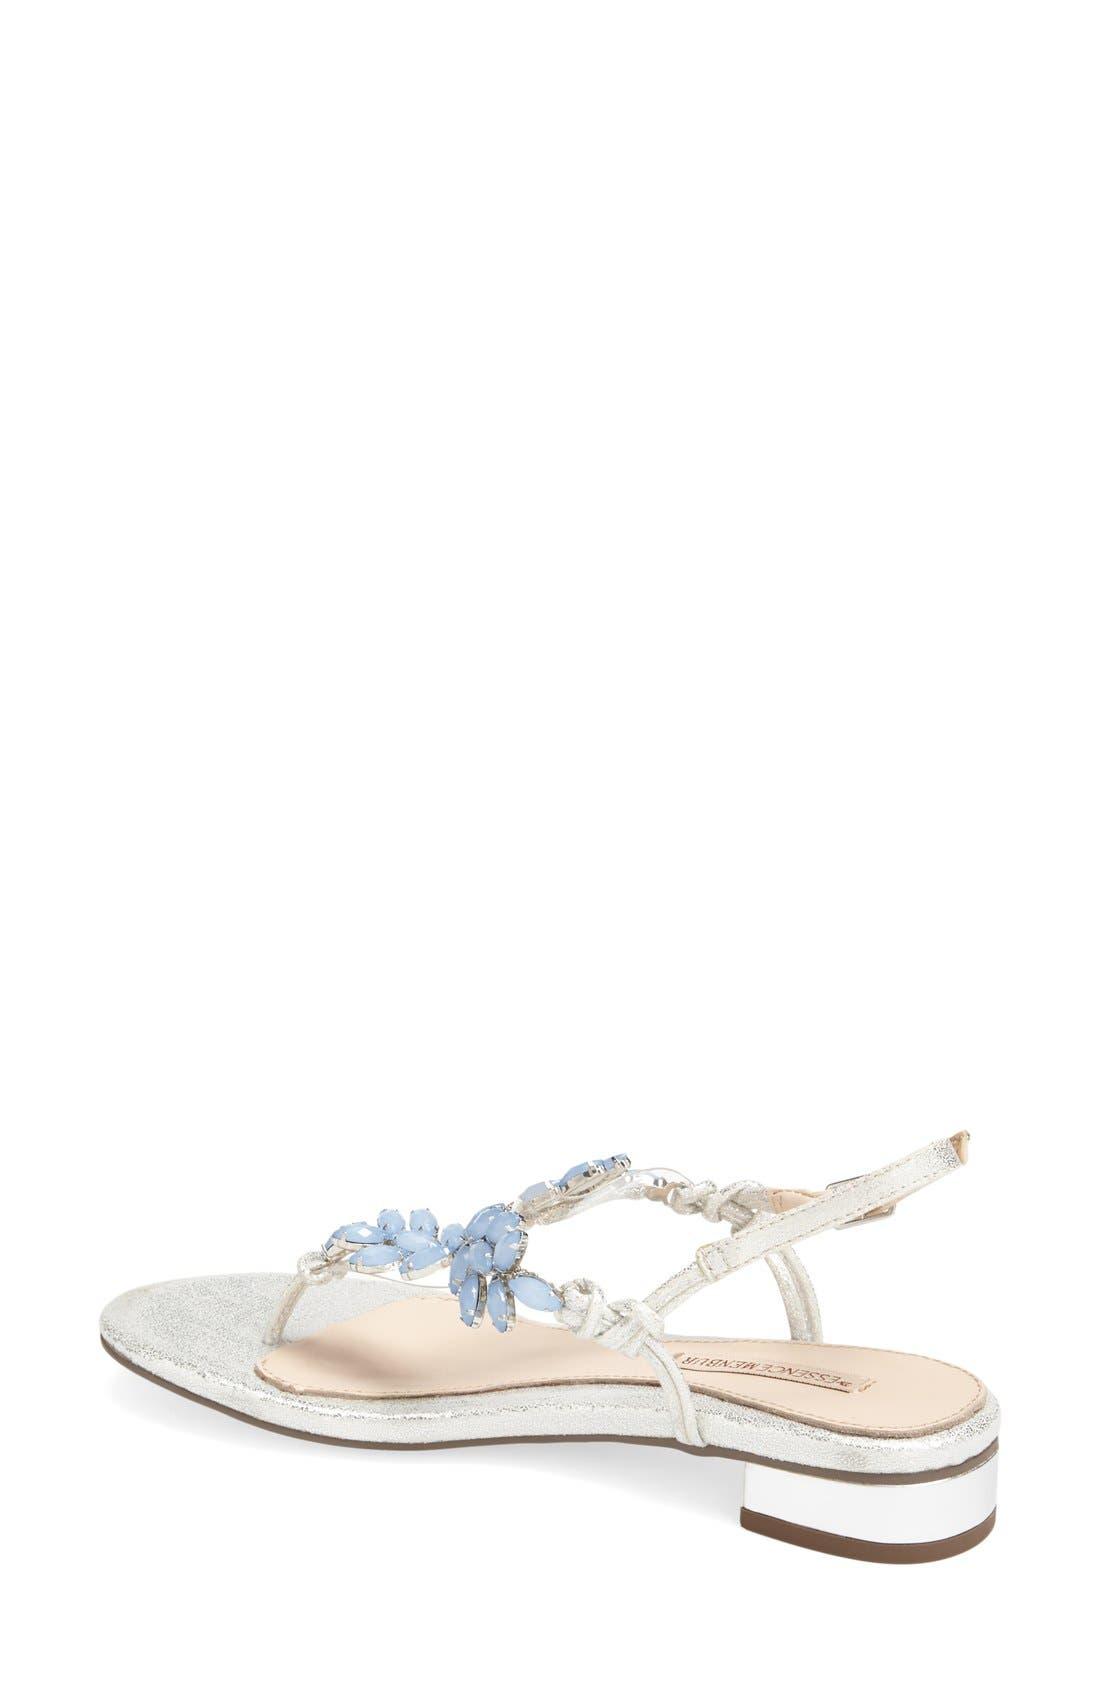 Alternate Image 2  - Menbur 'Dolara' Crystal Embellished Satin Thong Sandal (Women)